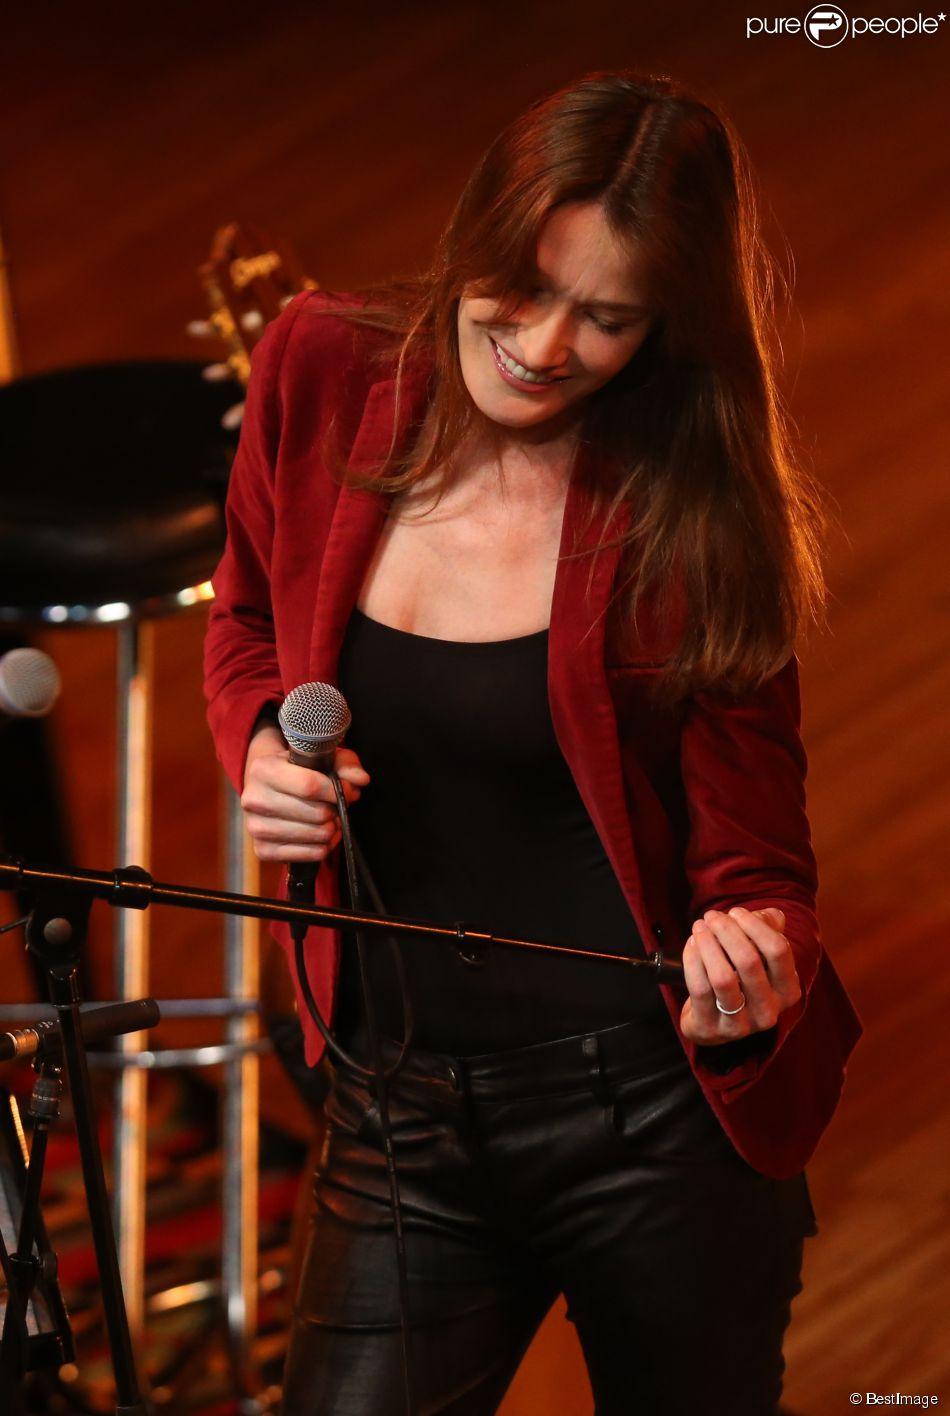 Carla Bruni-Sarkozy en concert à la maison internationale de la musique de Moscou, le 2 juin 2014.